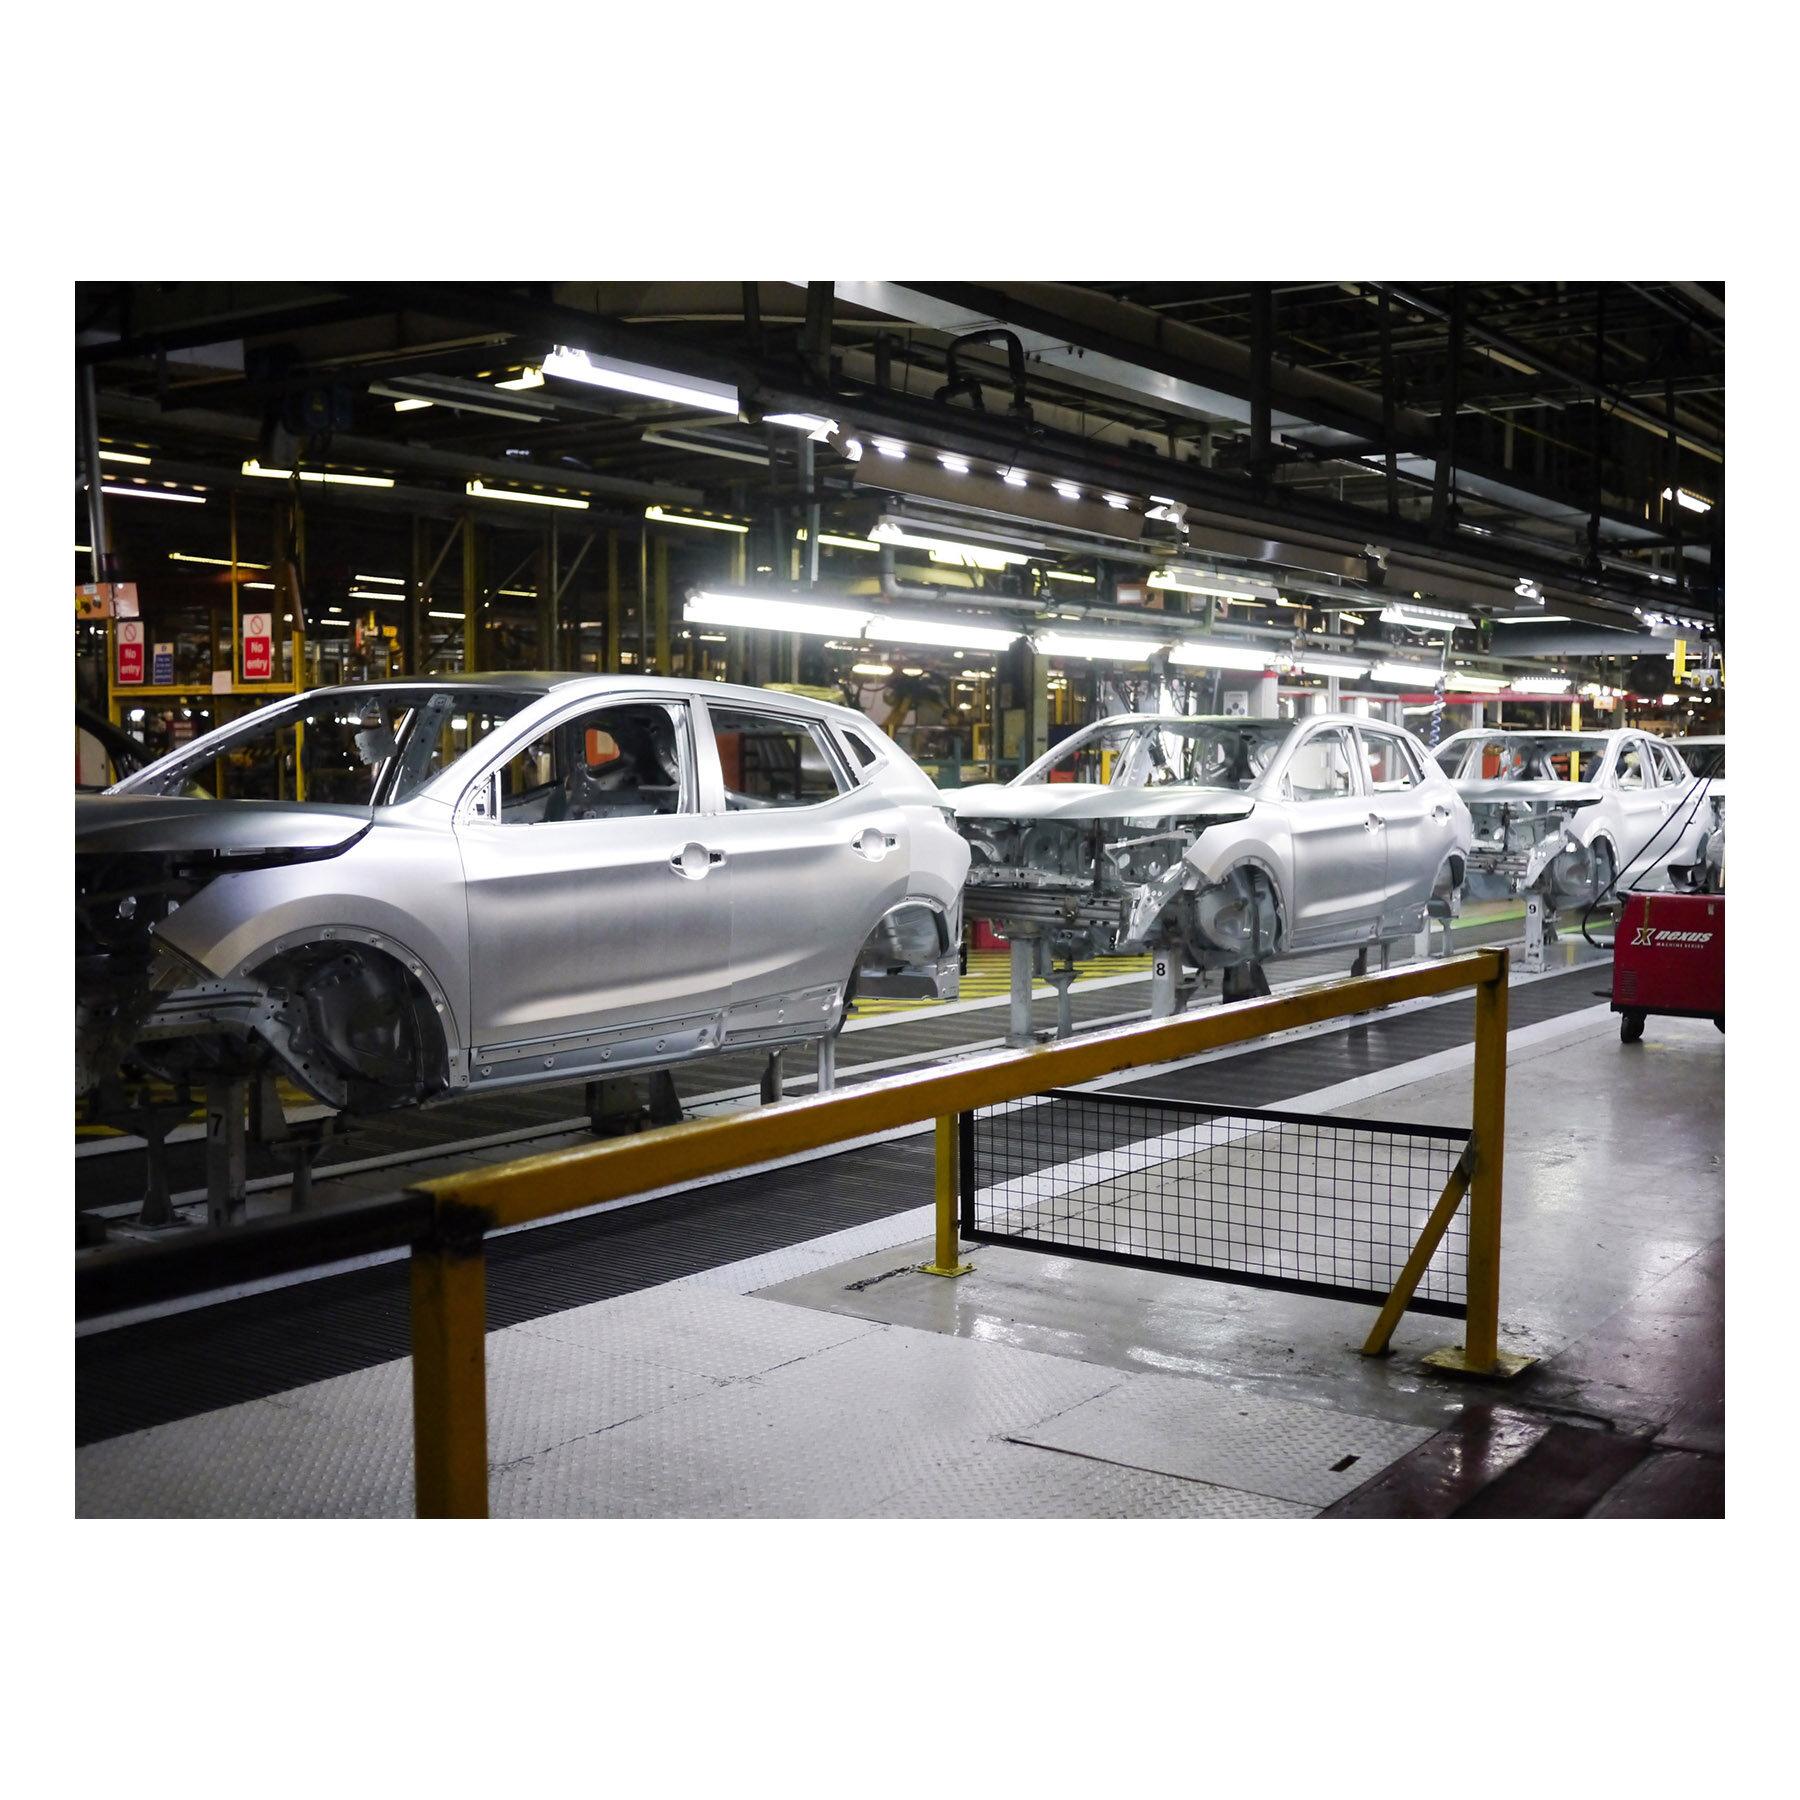 Nissan Motor Manufacturing UK, Sunderland plant, Sunderland, Tyne and Wear, 11/3 2014.Photo ©:Mark Pinder+44 (0)7768 211174mark@markpinderphotography.co.uk